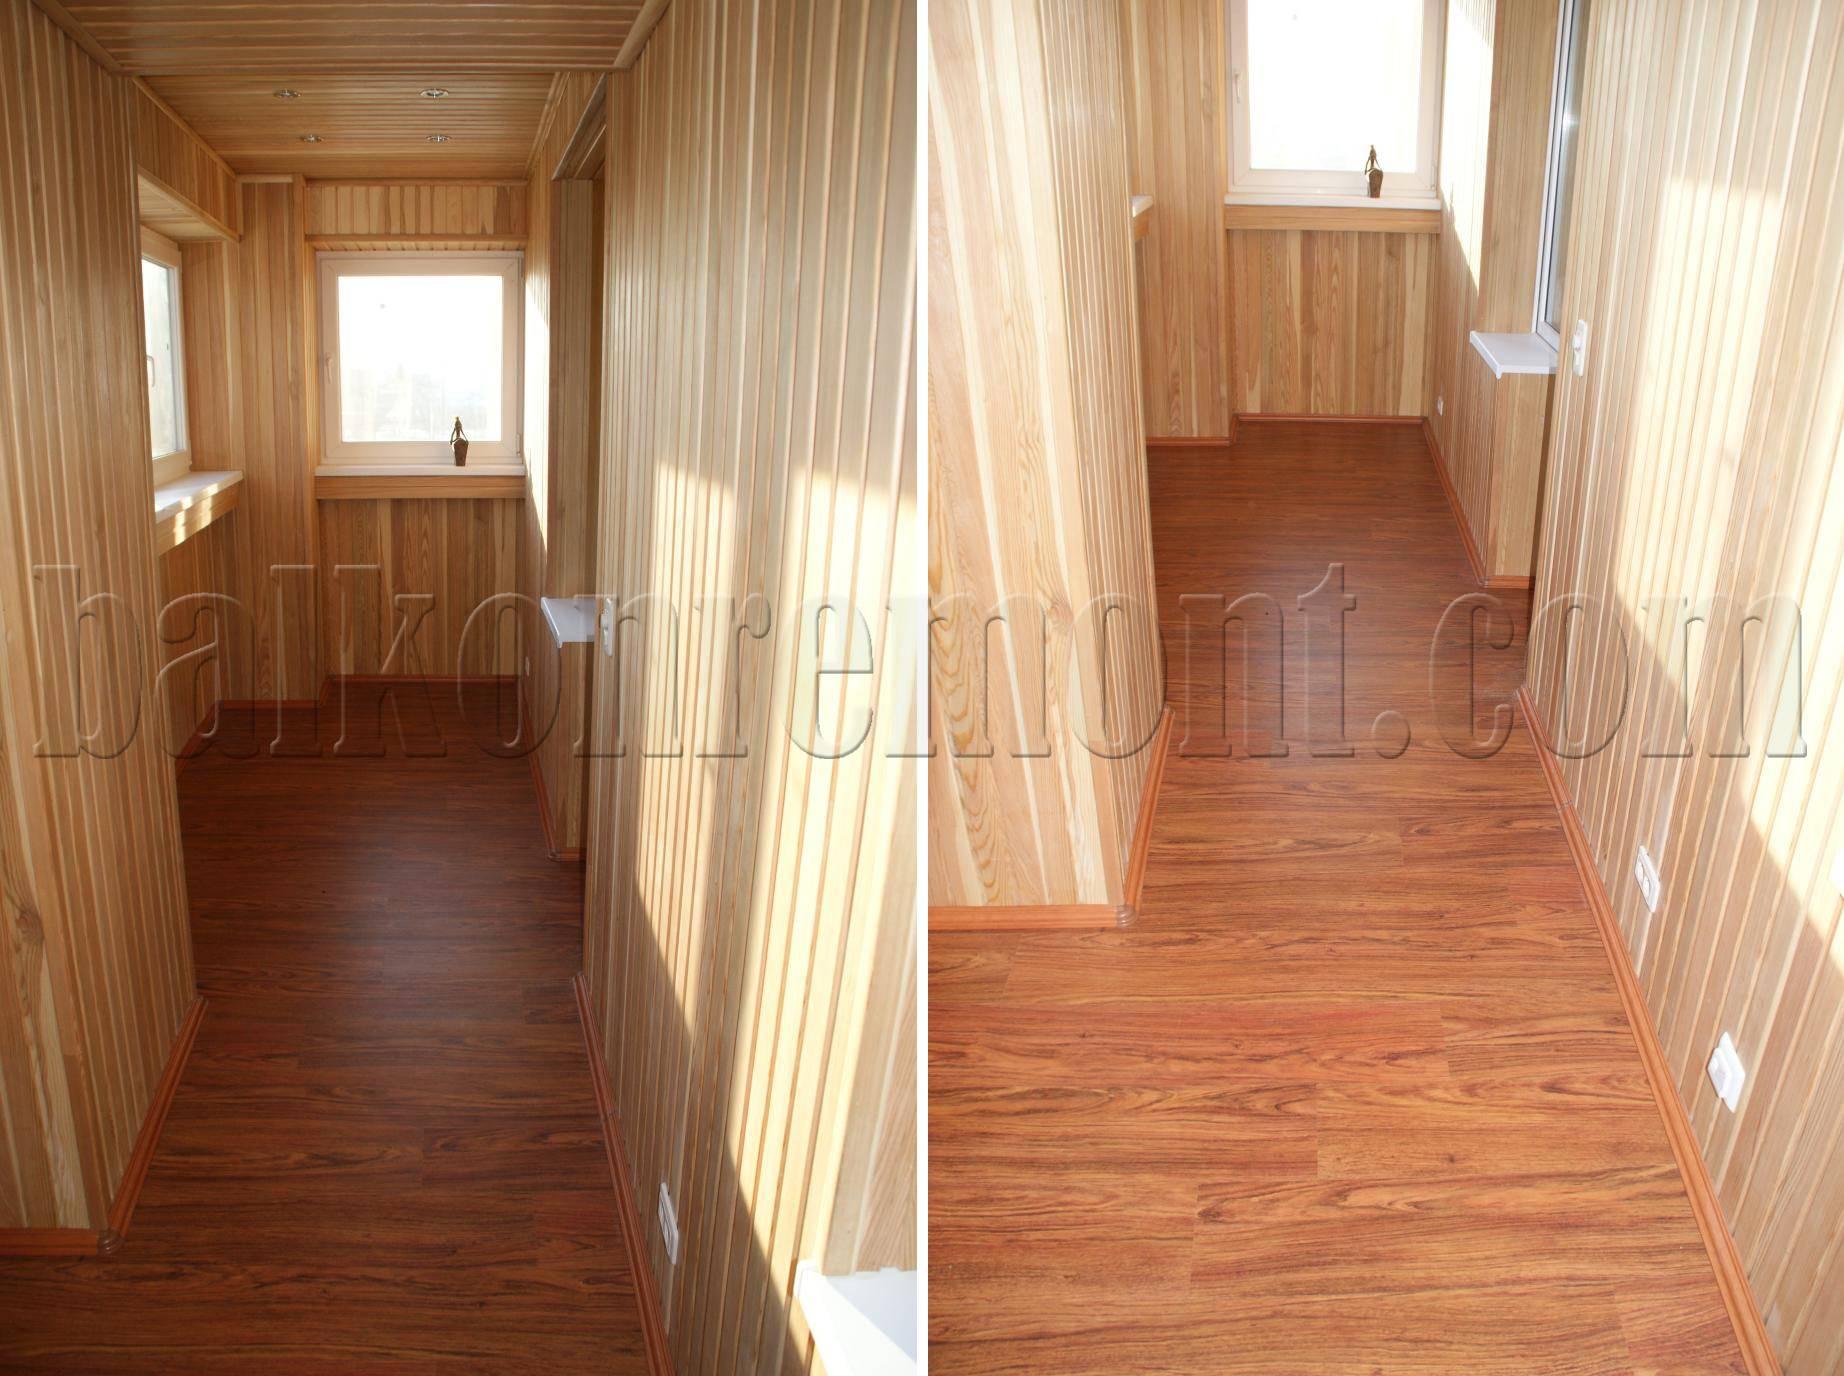 Внешняя и внутренняя отделка дома из бруса своими руками